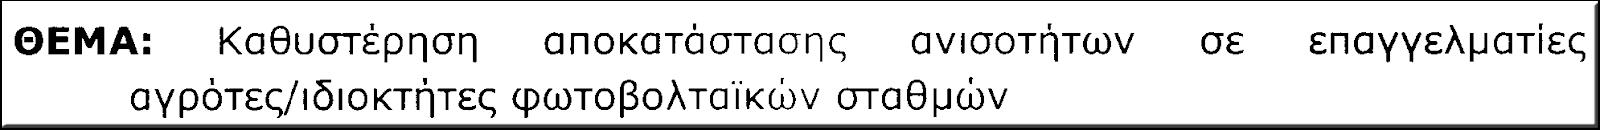 ΚΑΘΥΣΤΕΡΗΣΗ